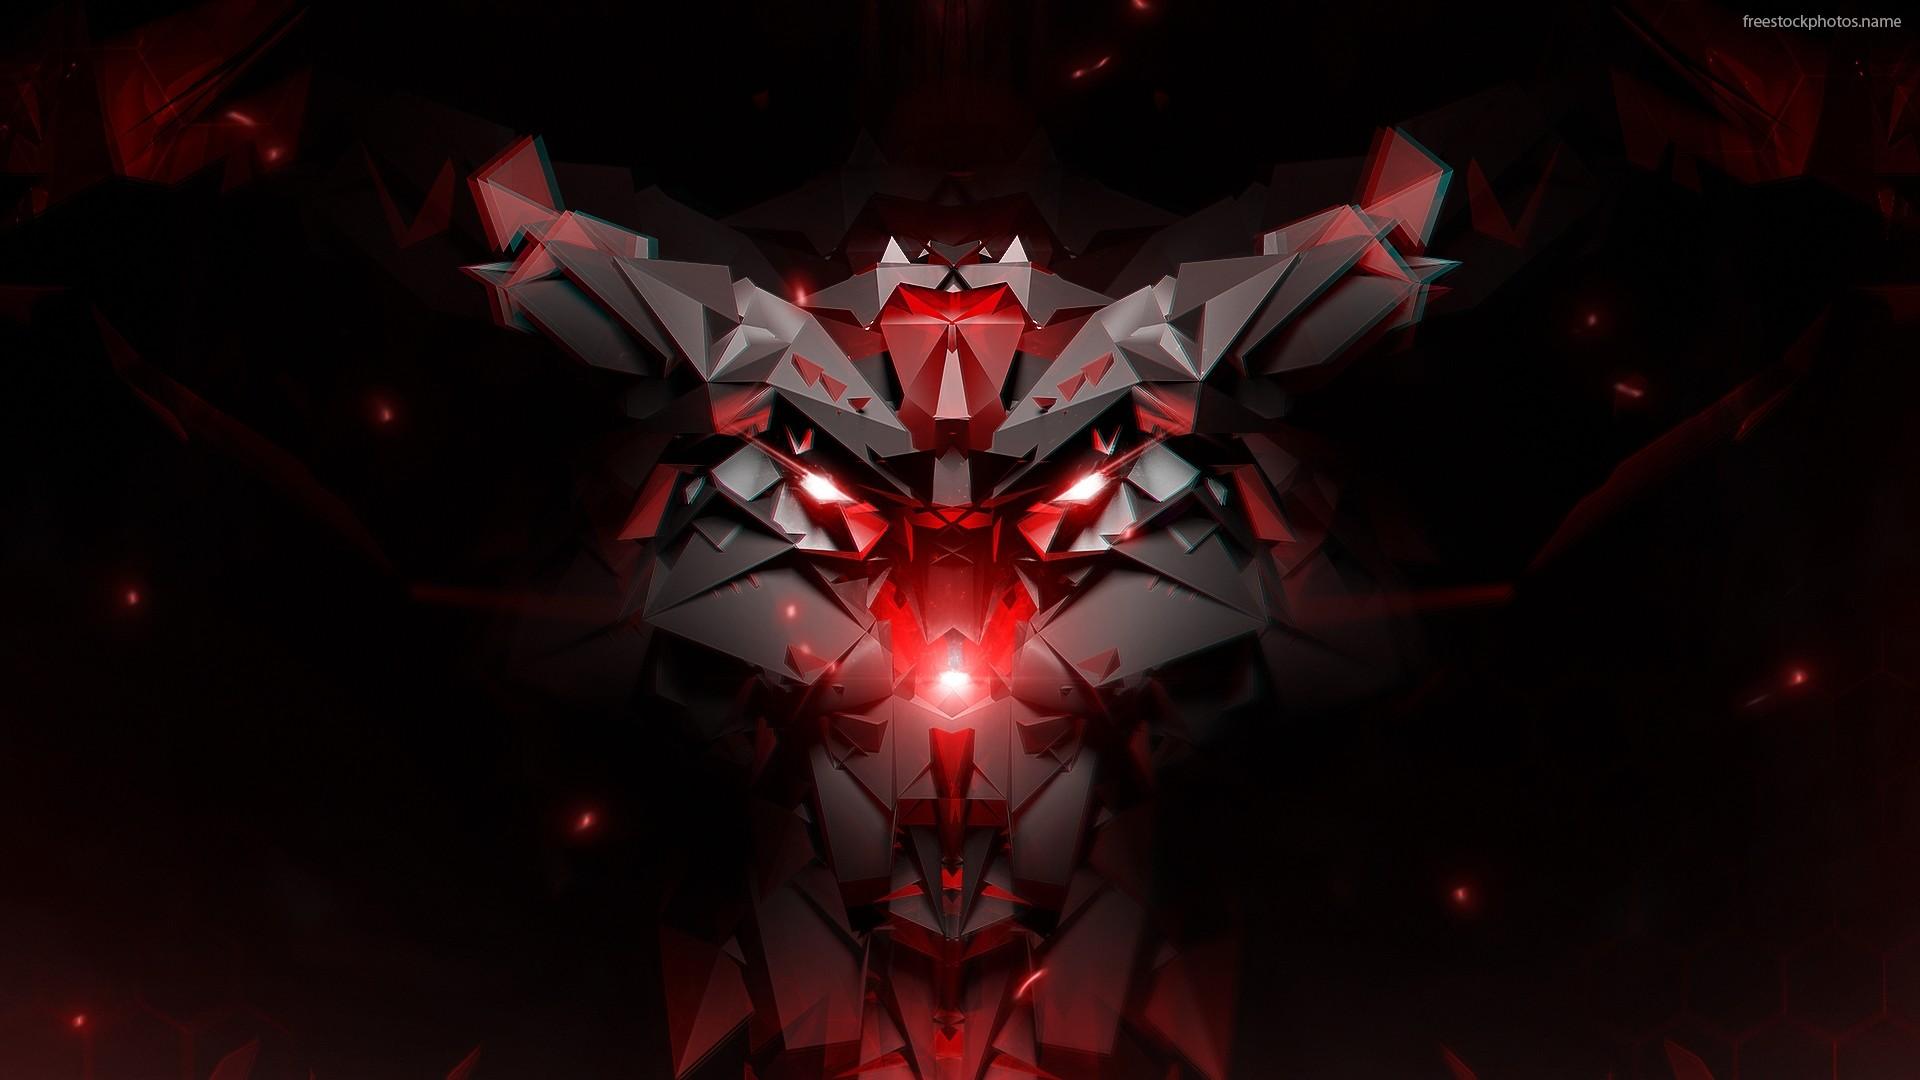 Red Devil Wallpaper 71 Images